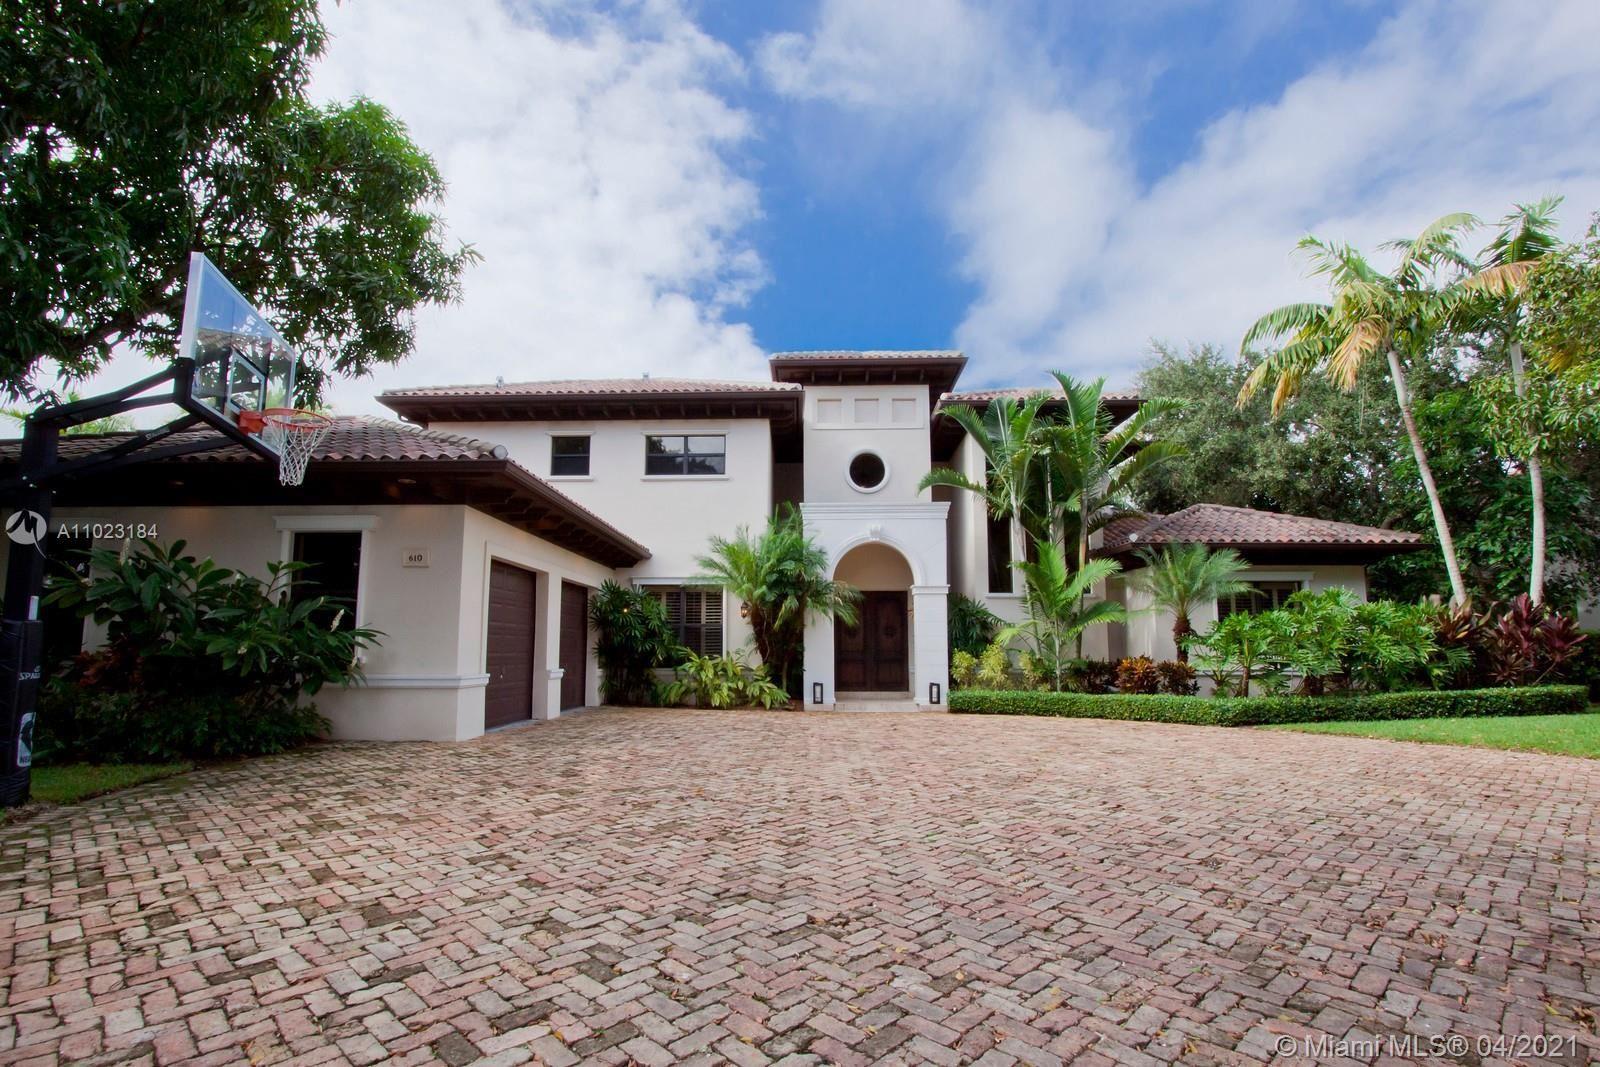 610 Blue Rd, Coral Gables, FL 33146 - #: A11023184